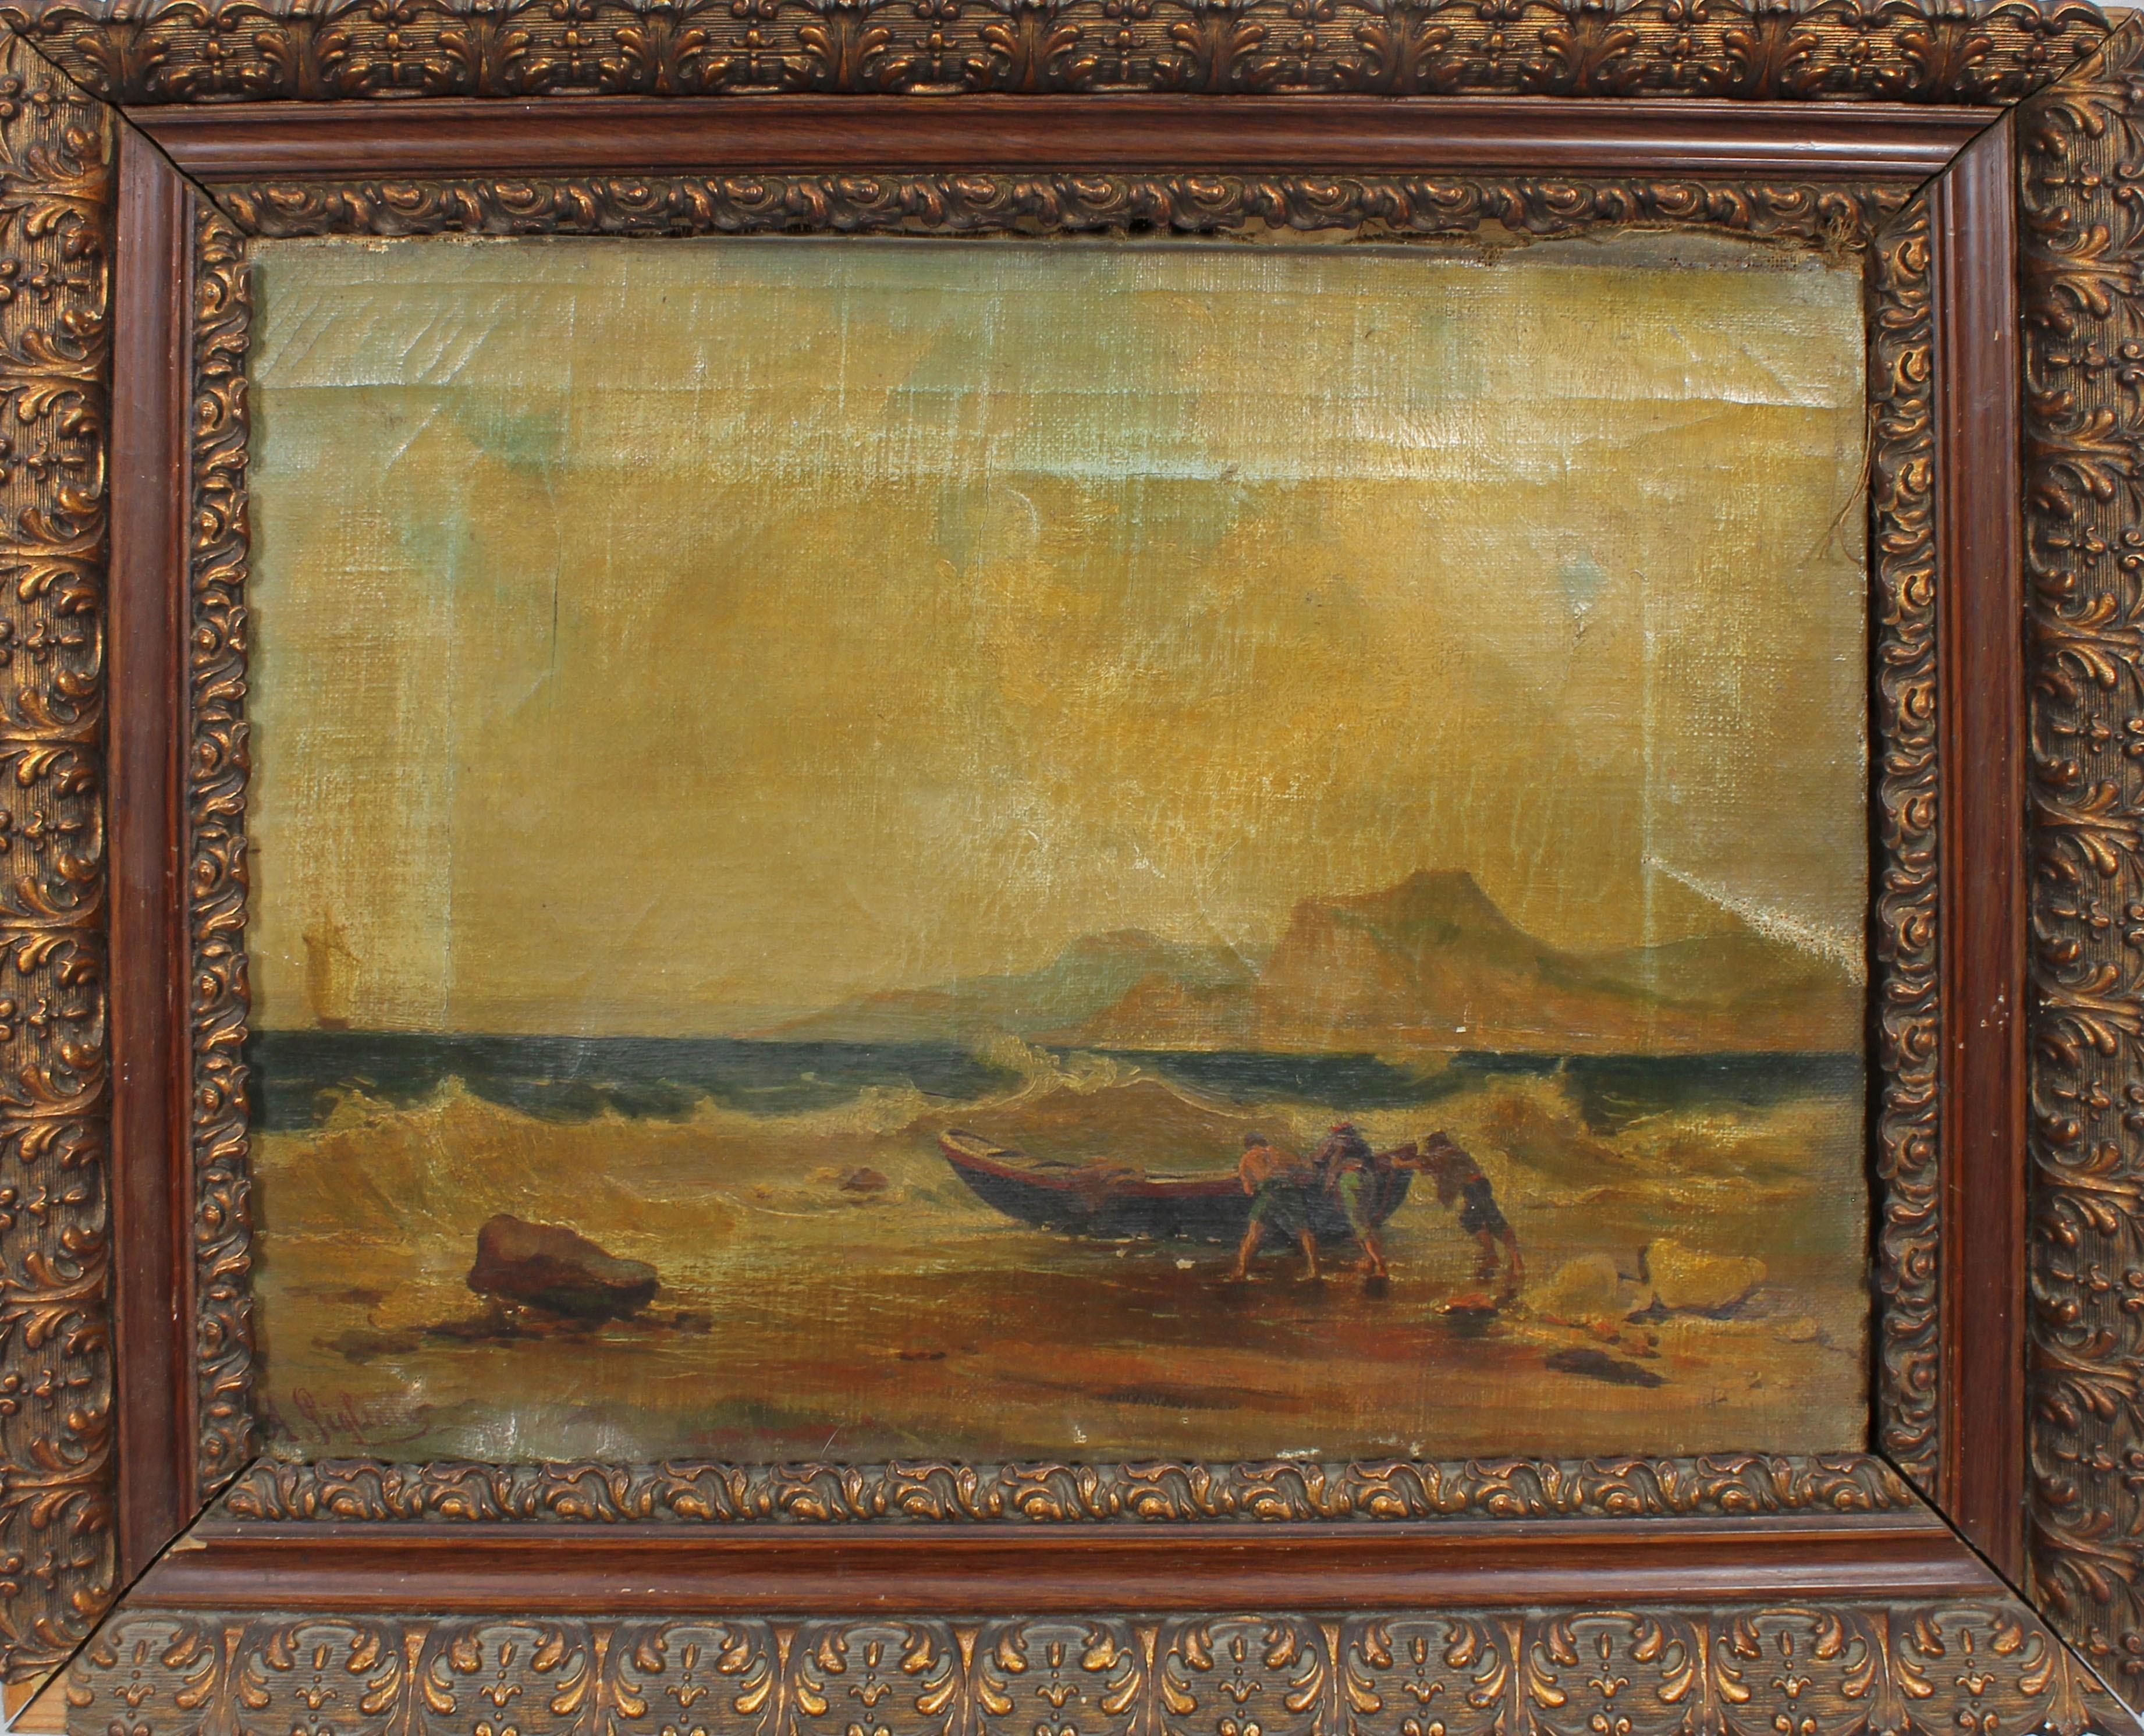 Lot 53 - Barca con pescatori, a firma A Giglioli, olio su tela, primi '900, cm. 37x27